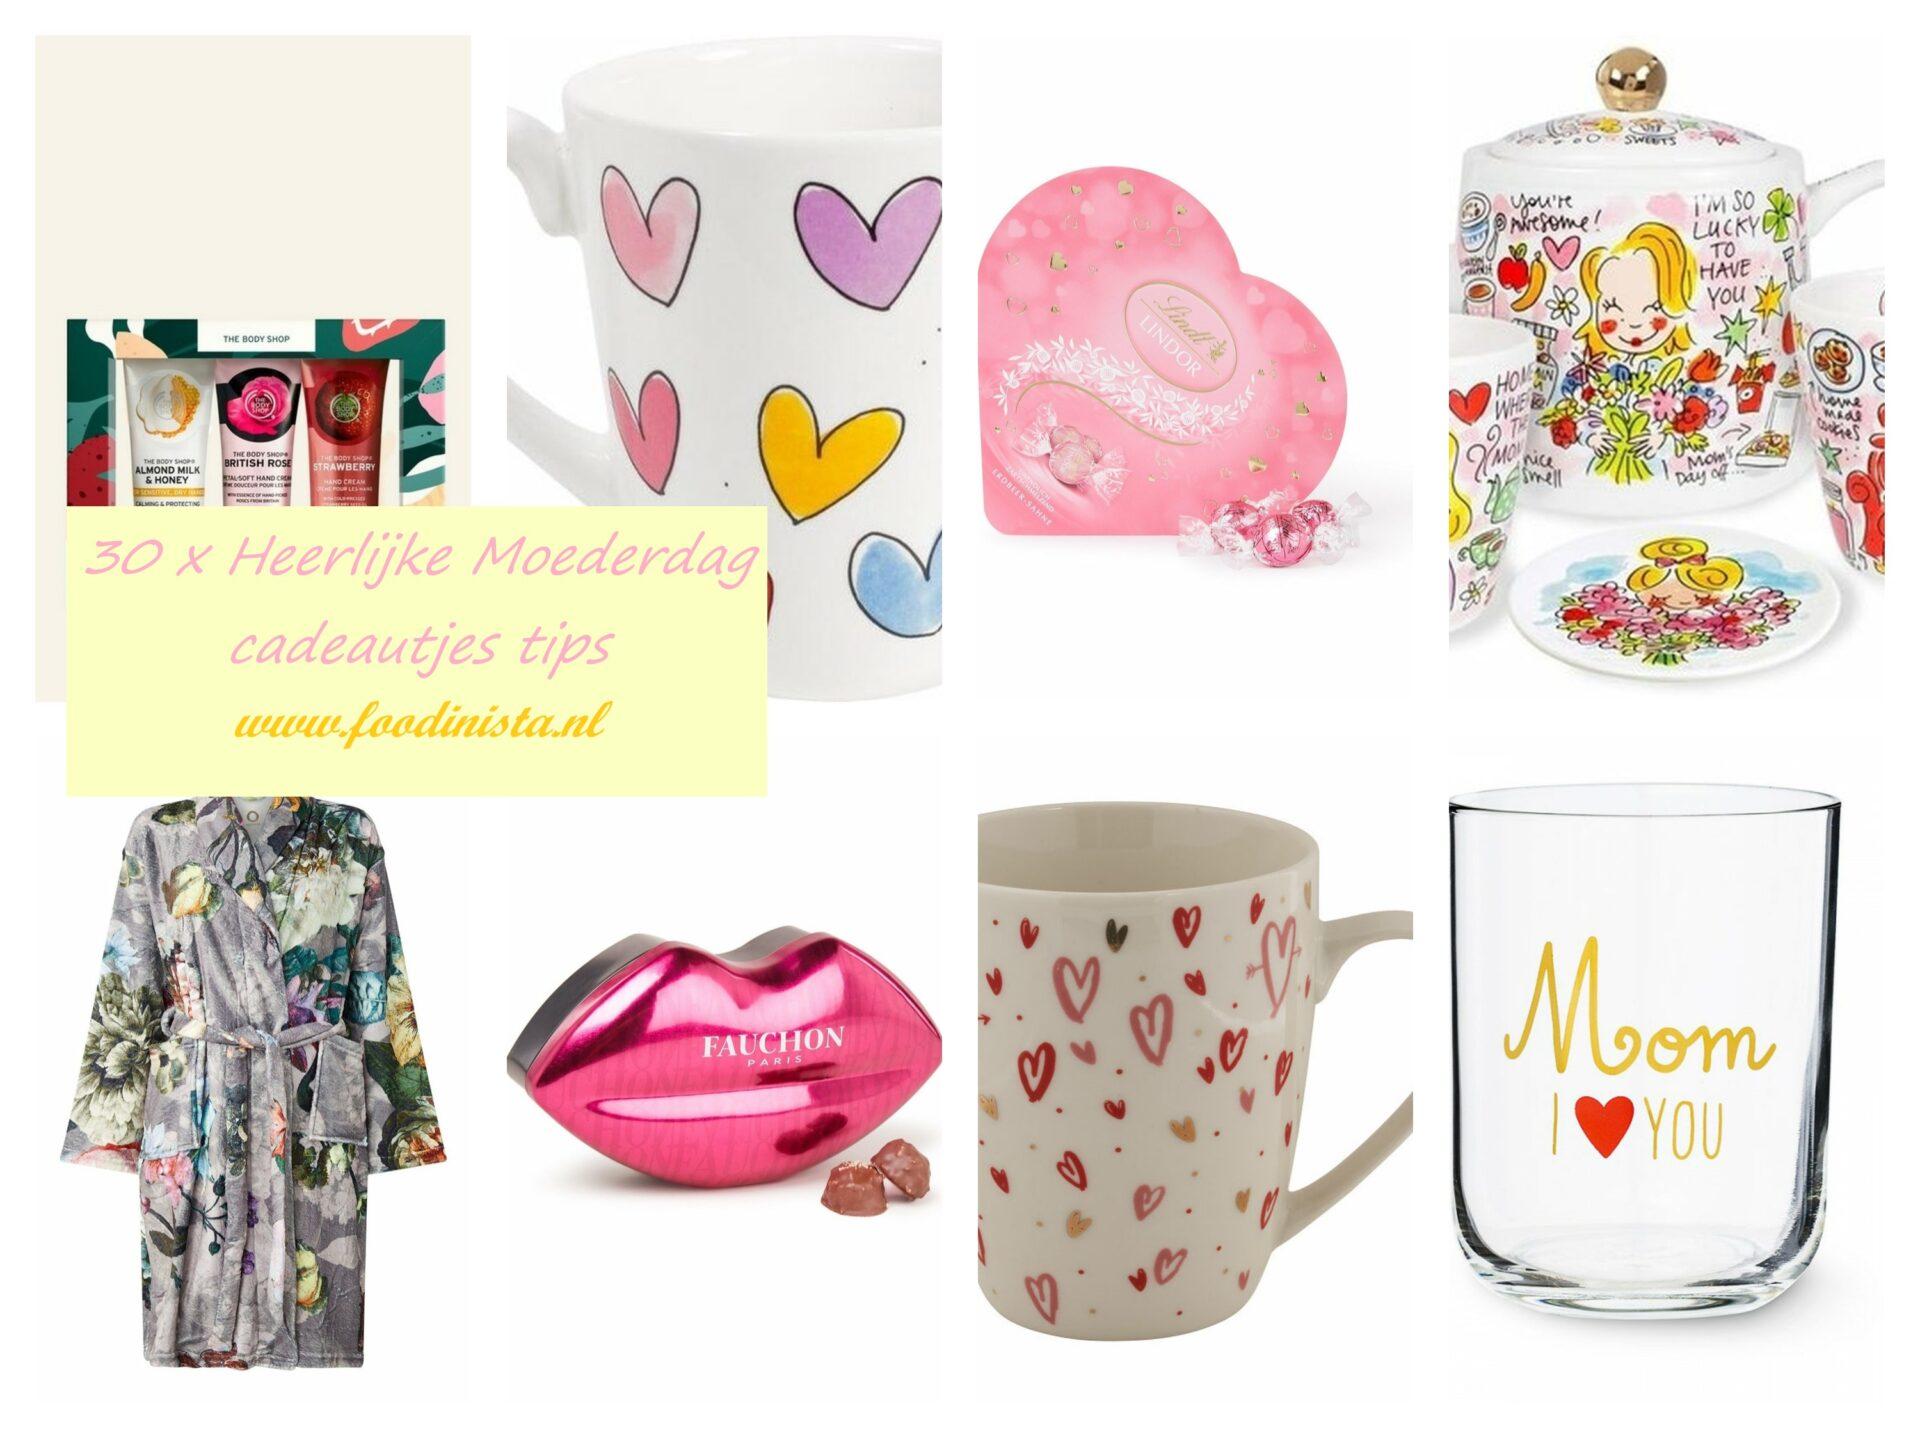 Daphne's Lente Happy Musthaves Wk 2 – 30x Heerlijke Moederdag cadeautjes tips voor foodies